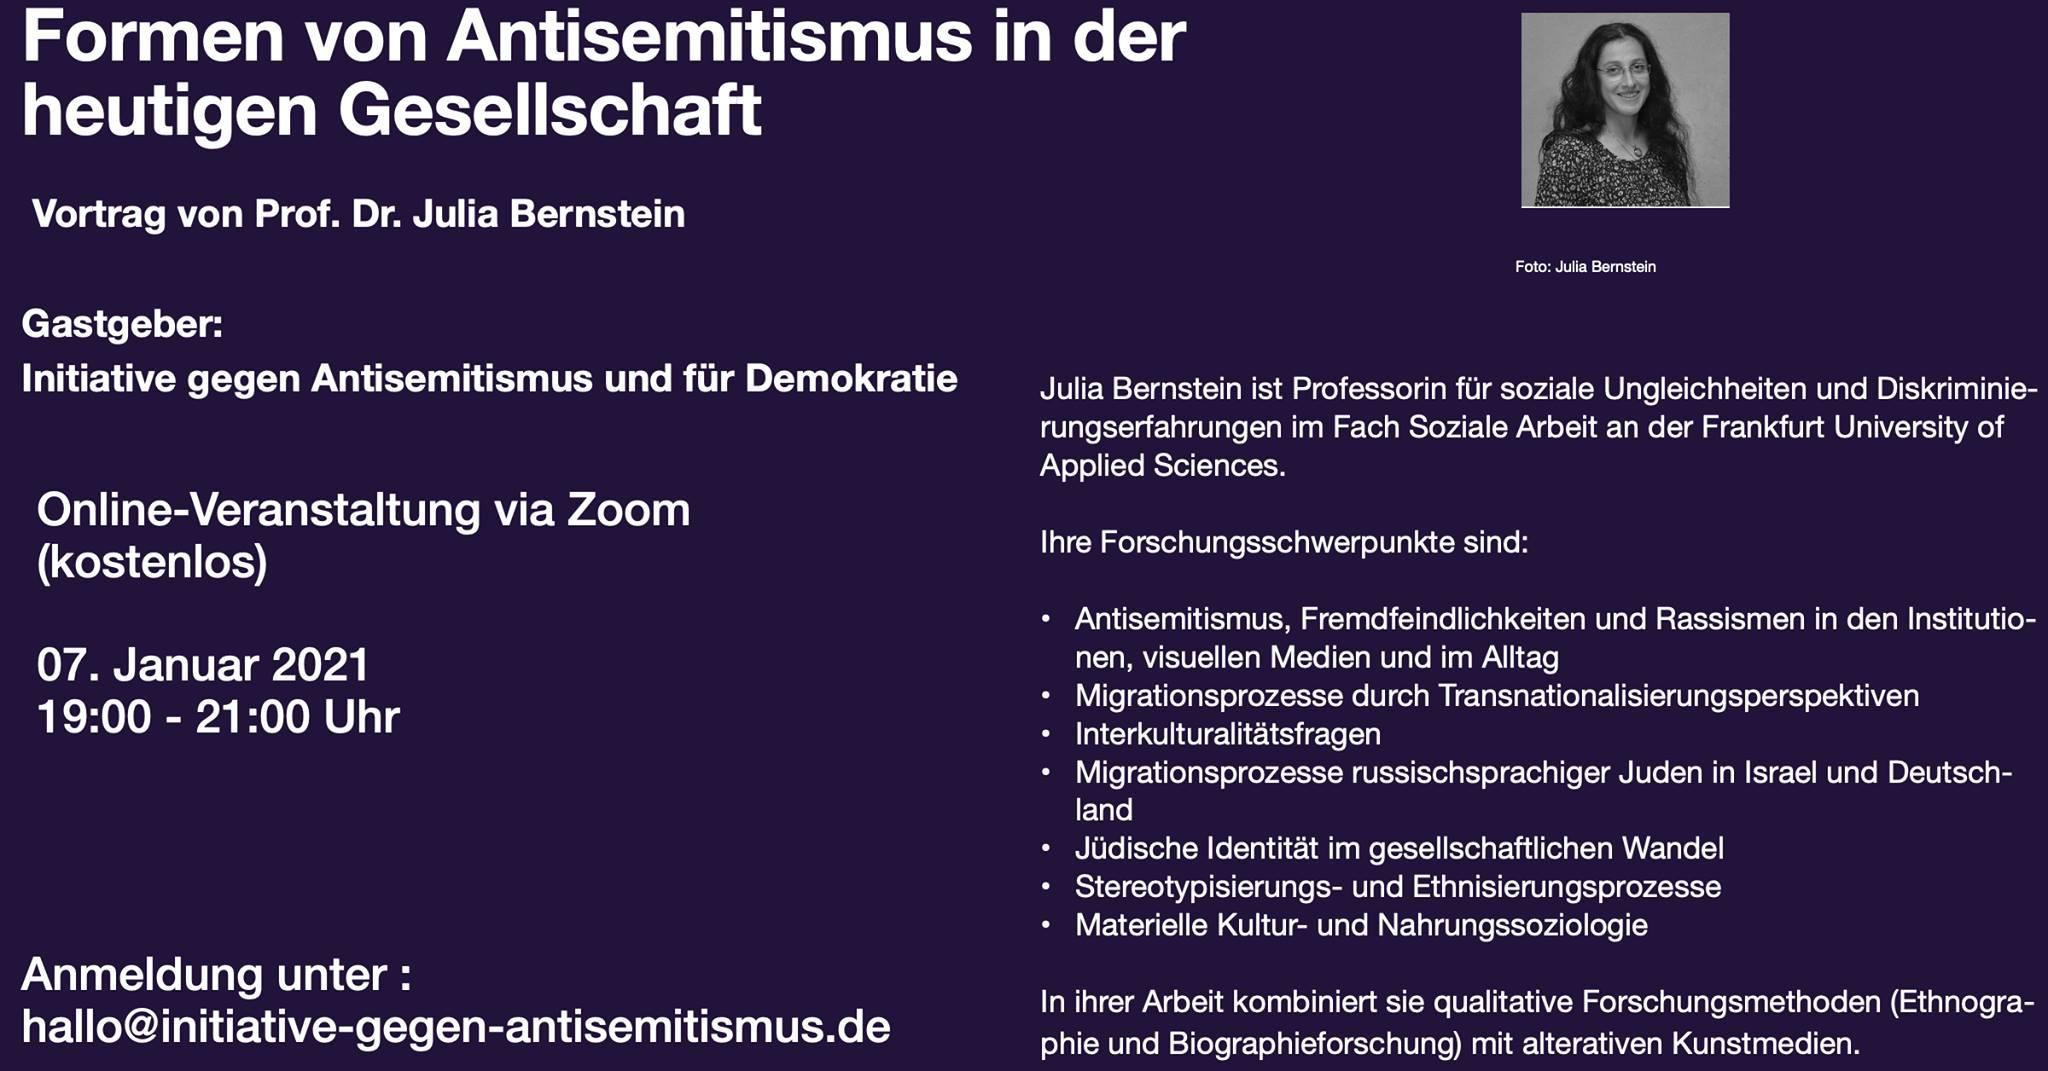 Formen von Antisemitismus in der heutigen Gesellschaft